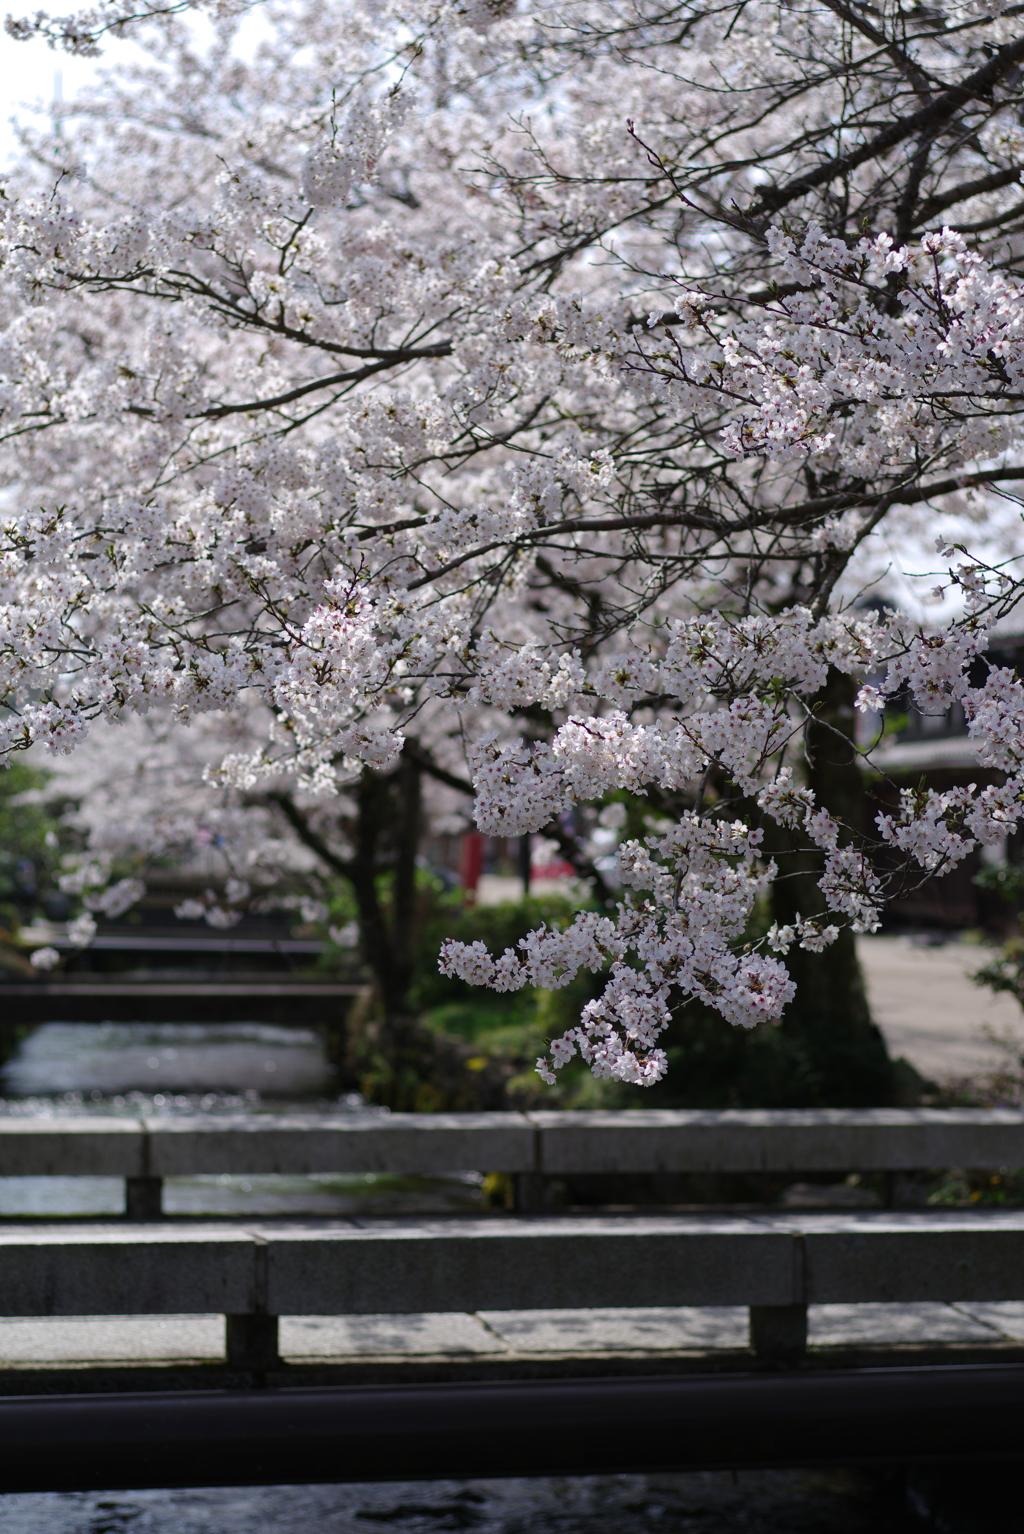 滋賀県醒ヶ井 地蔵川の桜